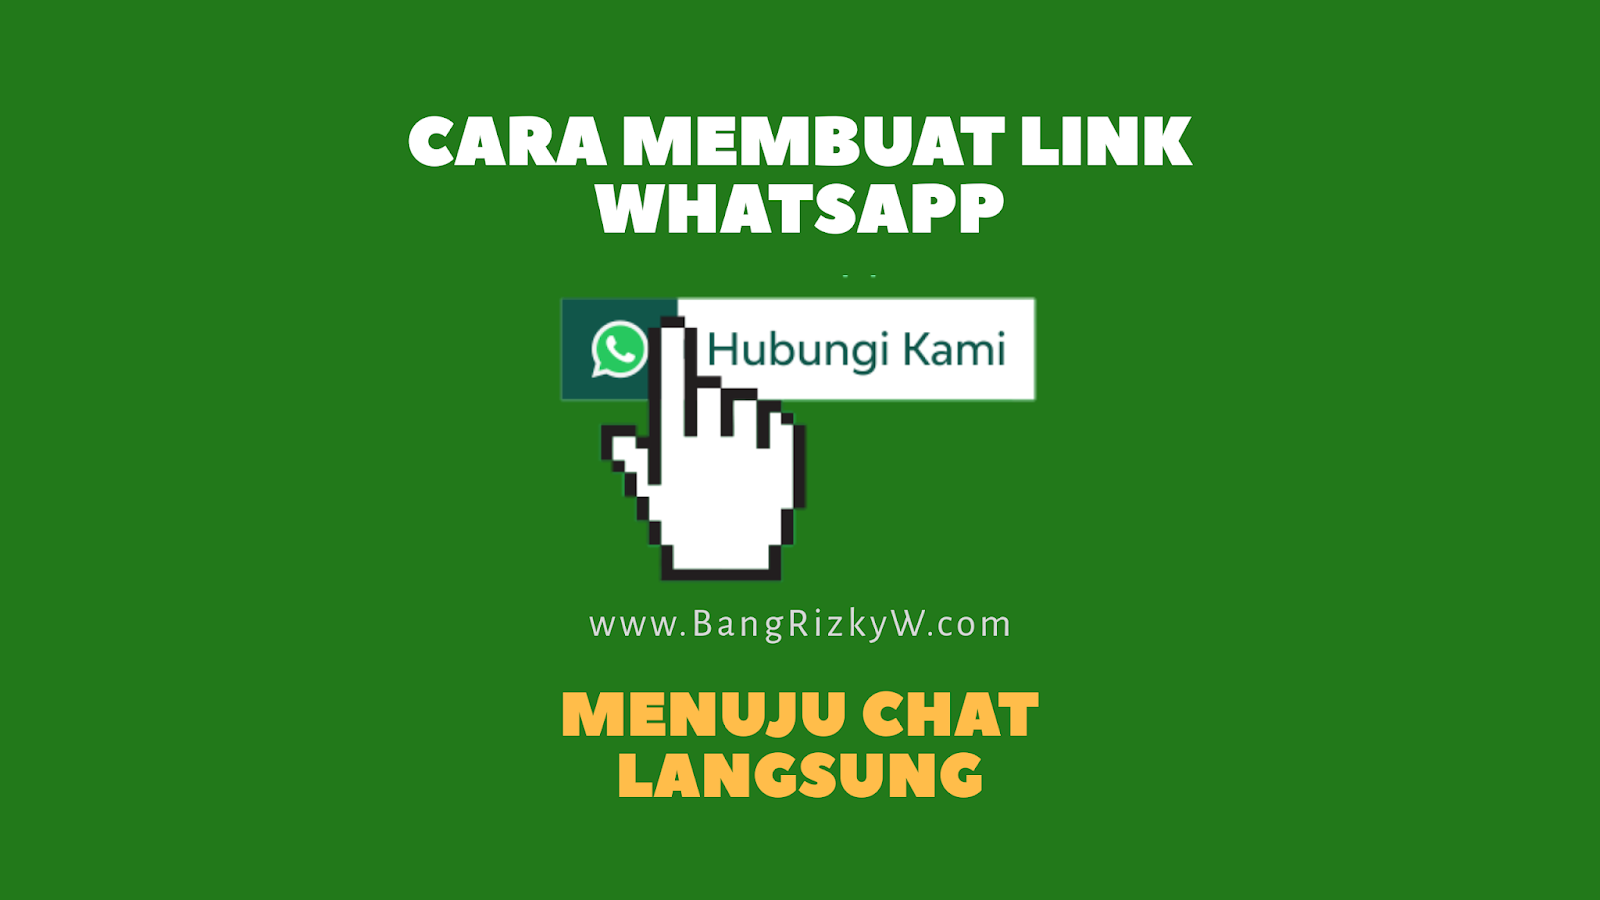 Cara Membuat Link Whatsapp Menuju Chat Langsung Blogger Indonesia